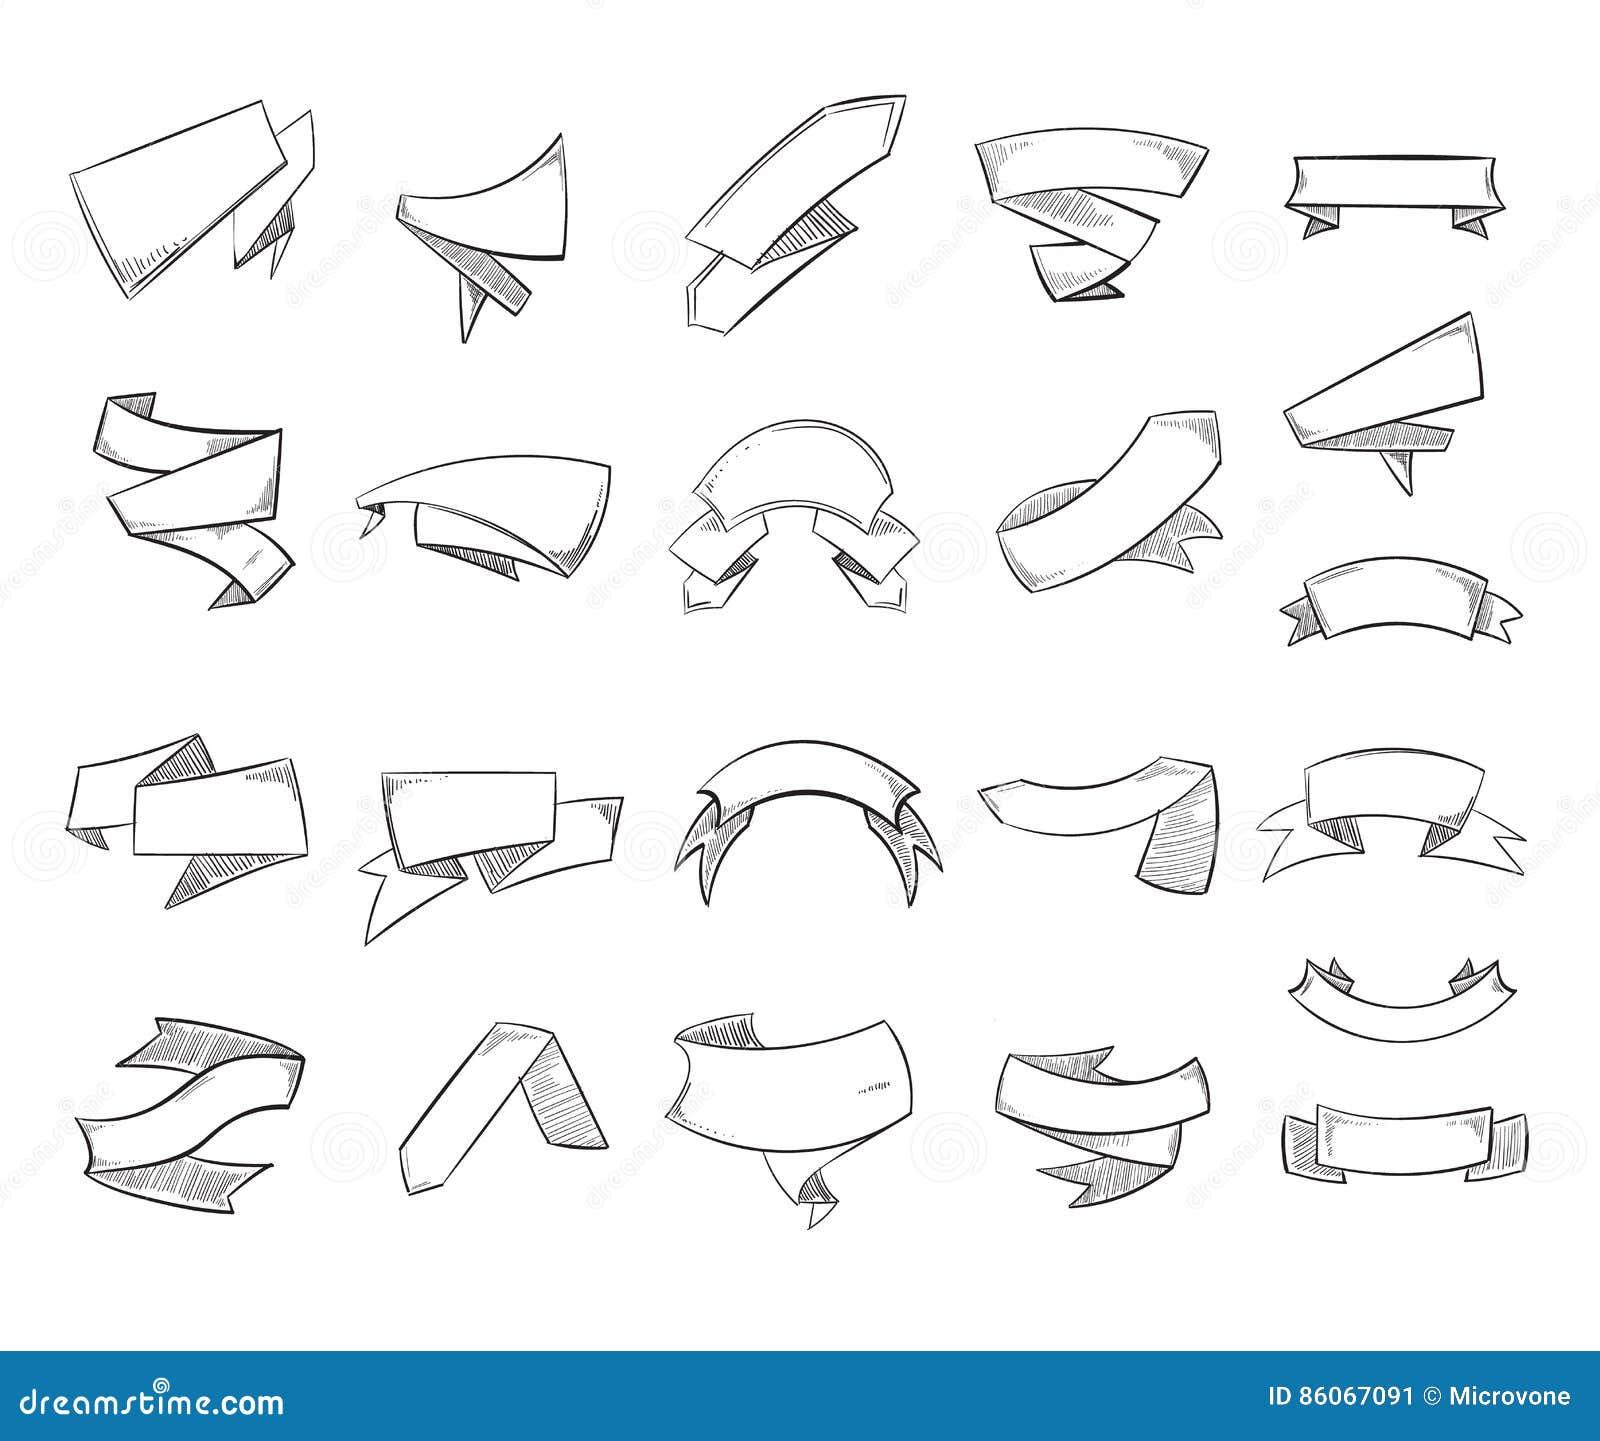 Berühmt Zeichnen Sie Elektrische Schaltpläne Fotos - Schaltplan ...